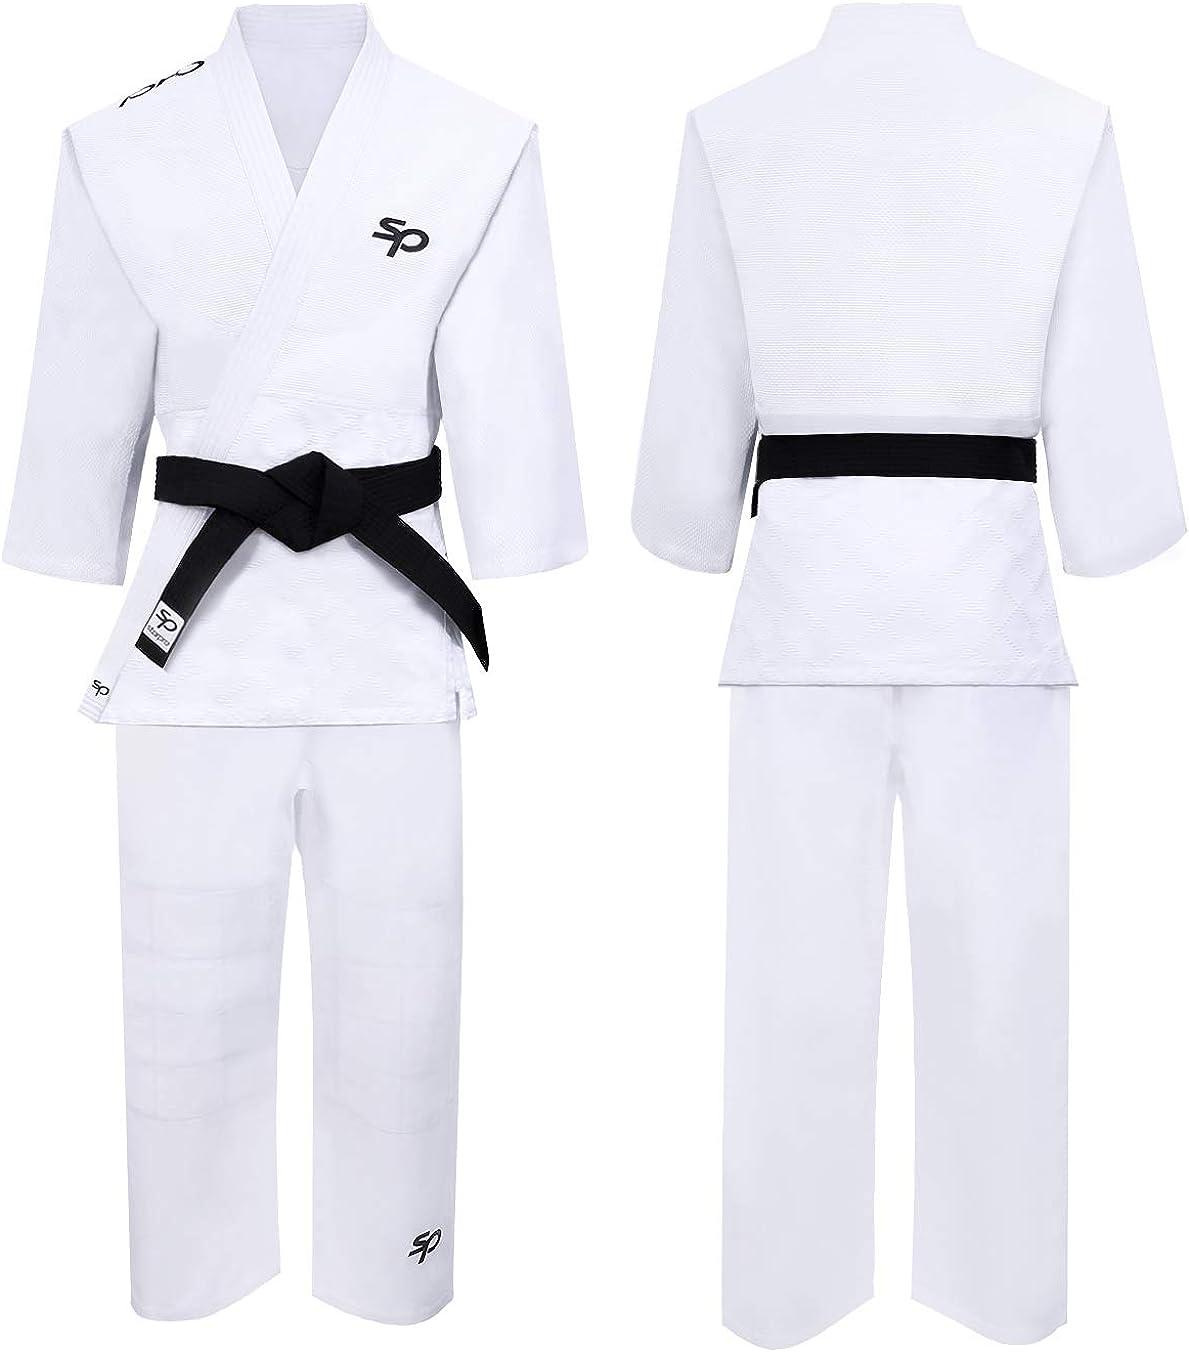 Starpro Kimono Judo de algódon Premium SIN cinturón - Judogi Profesional para Entrenamiento y competición- Hombres Mujeres Niños- 110-190 cm - Blanco y Azul